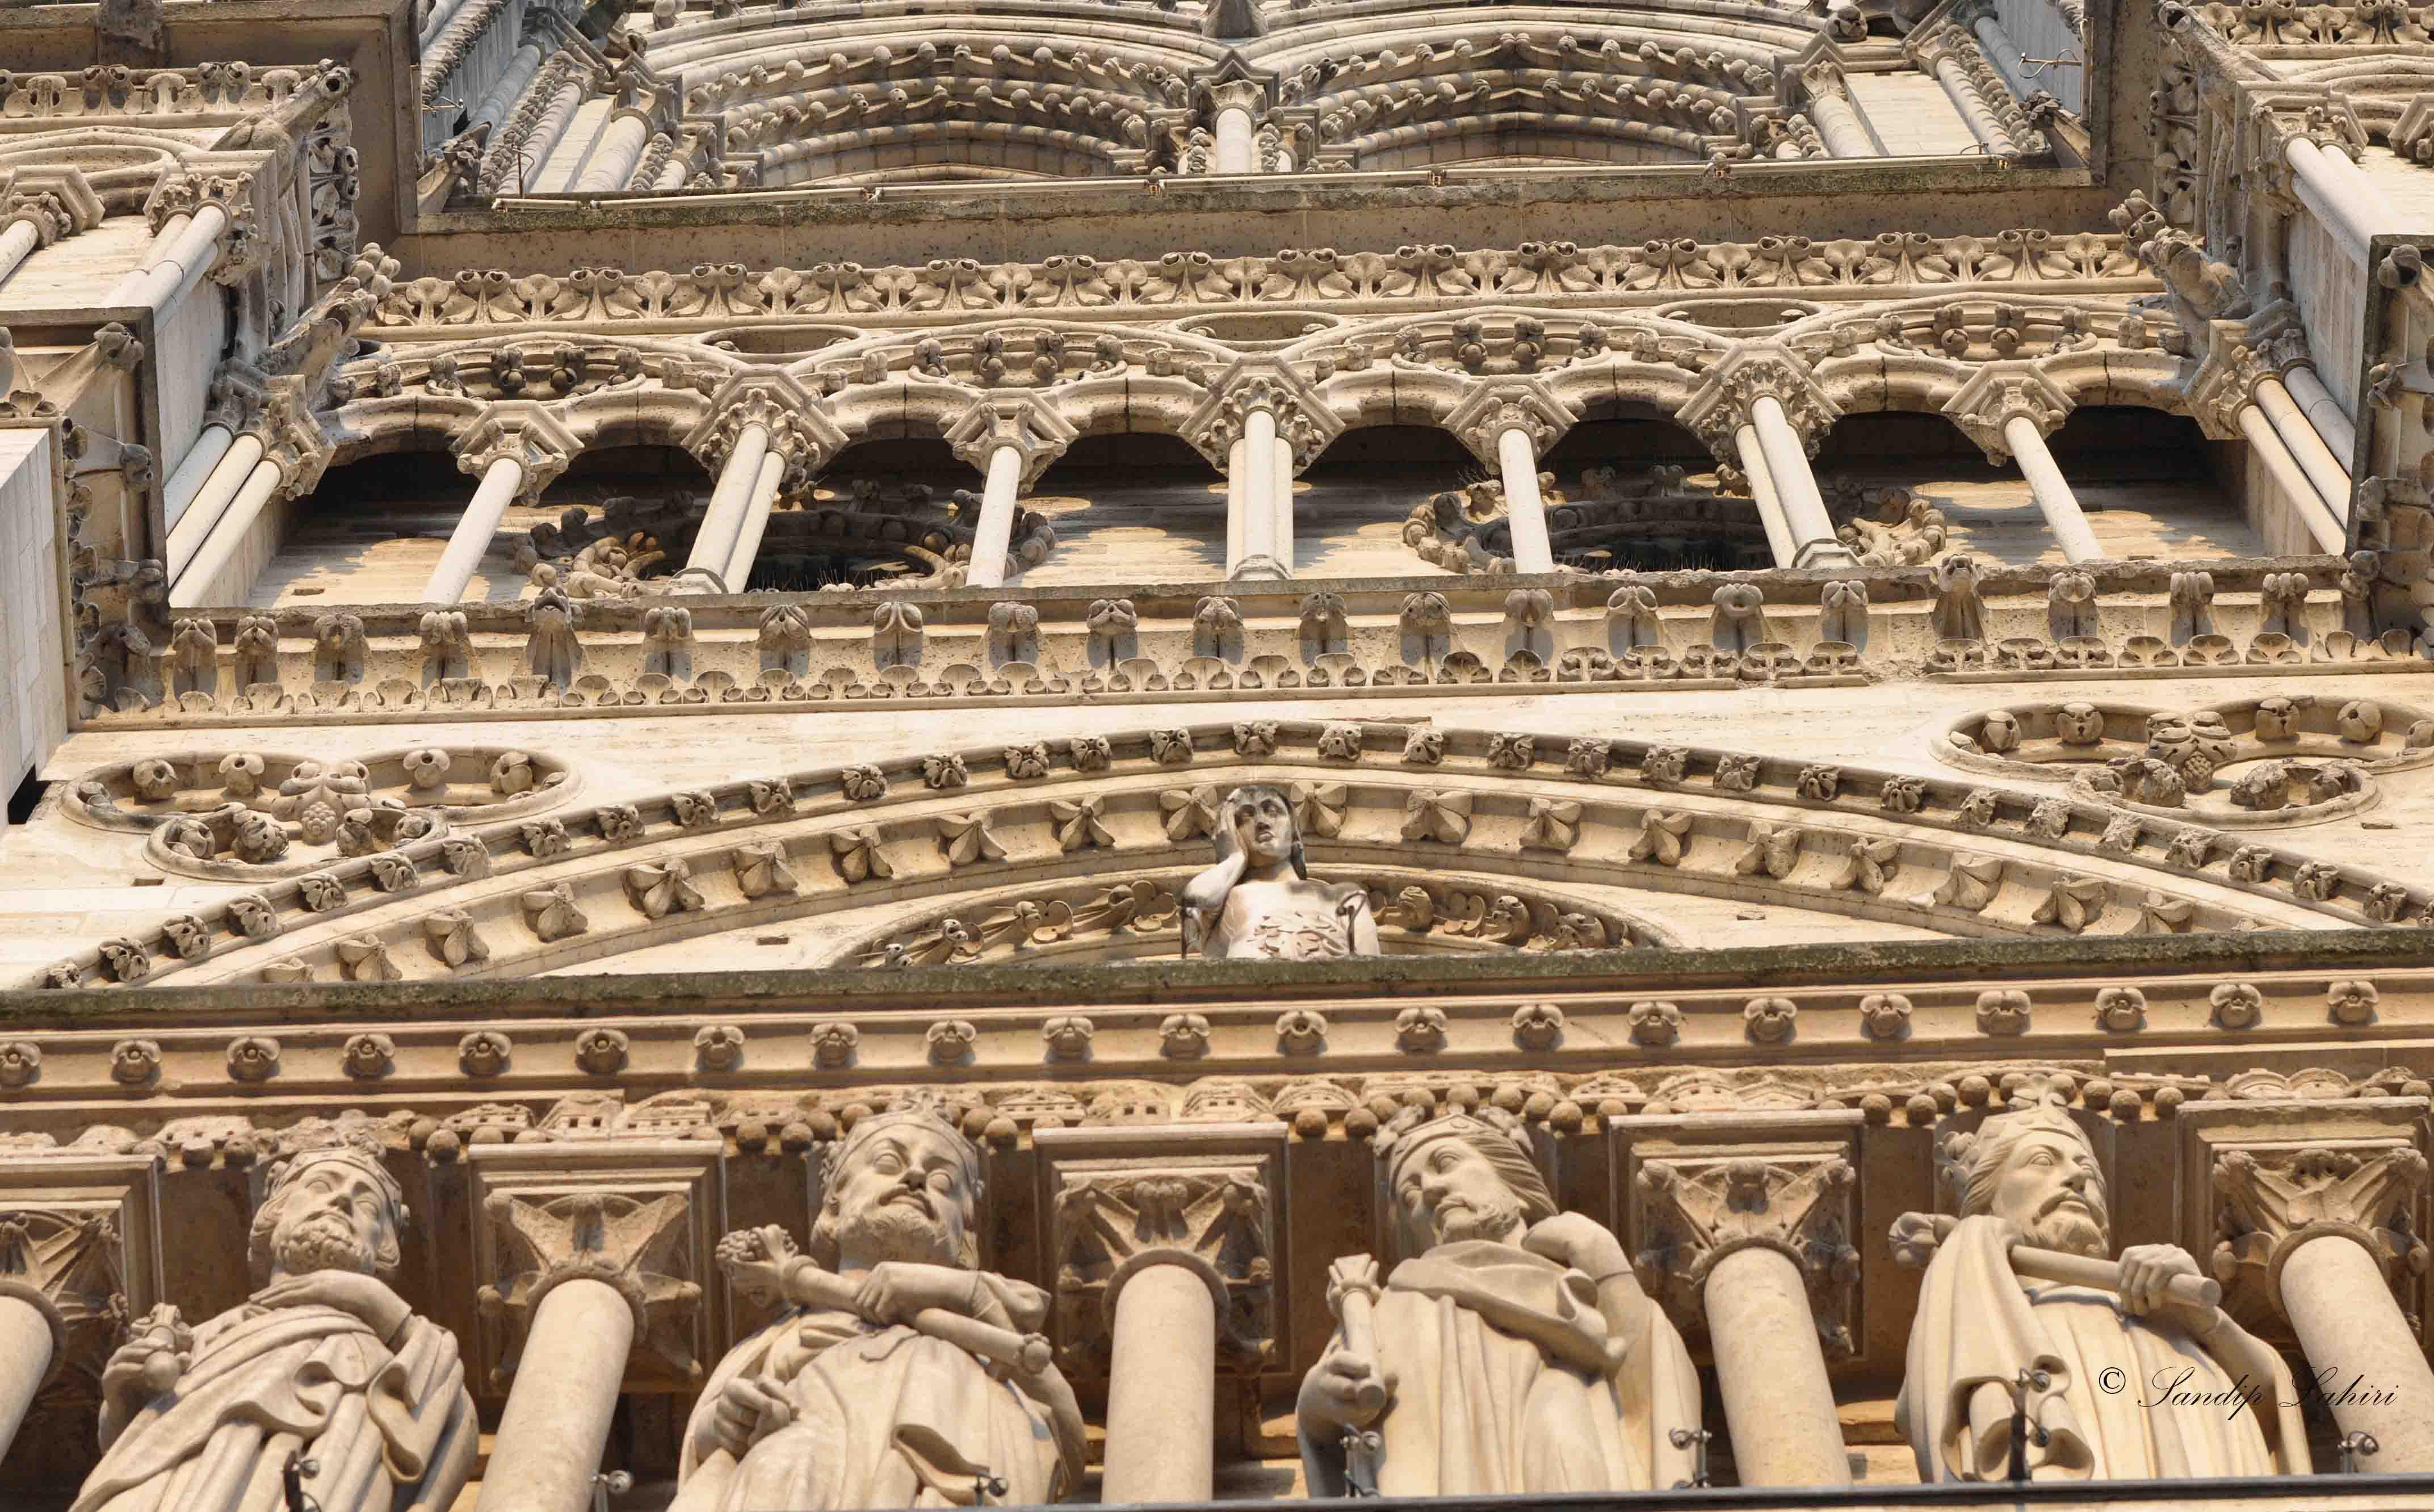 Cathédrale Notre Dame de Paris-Normal